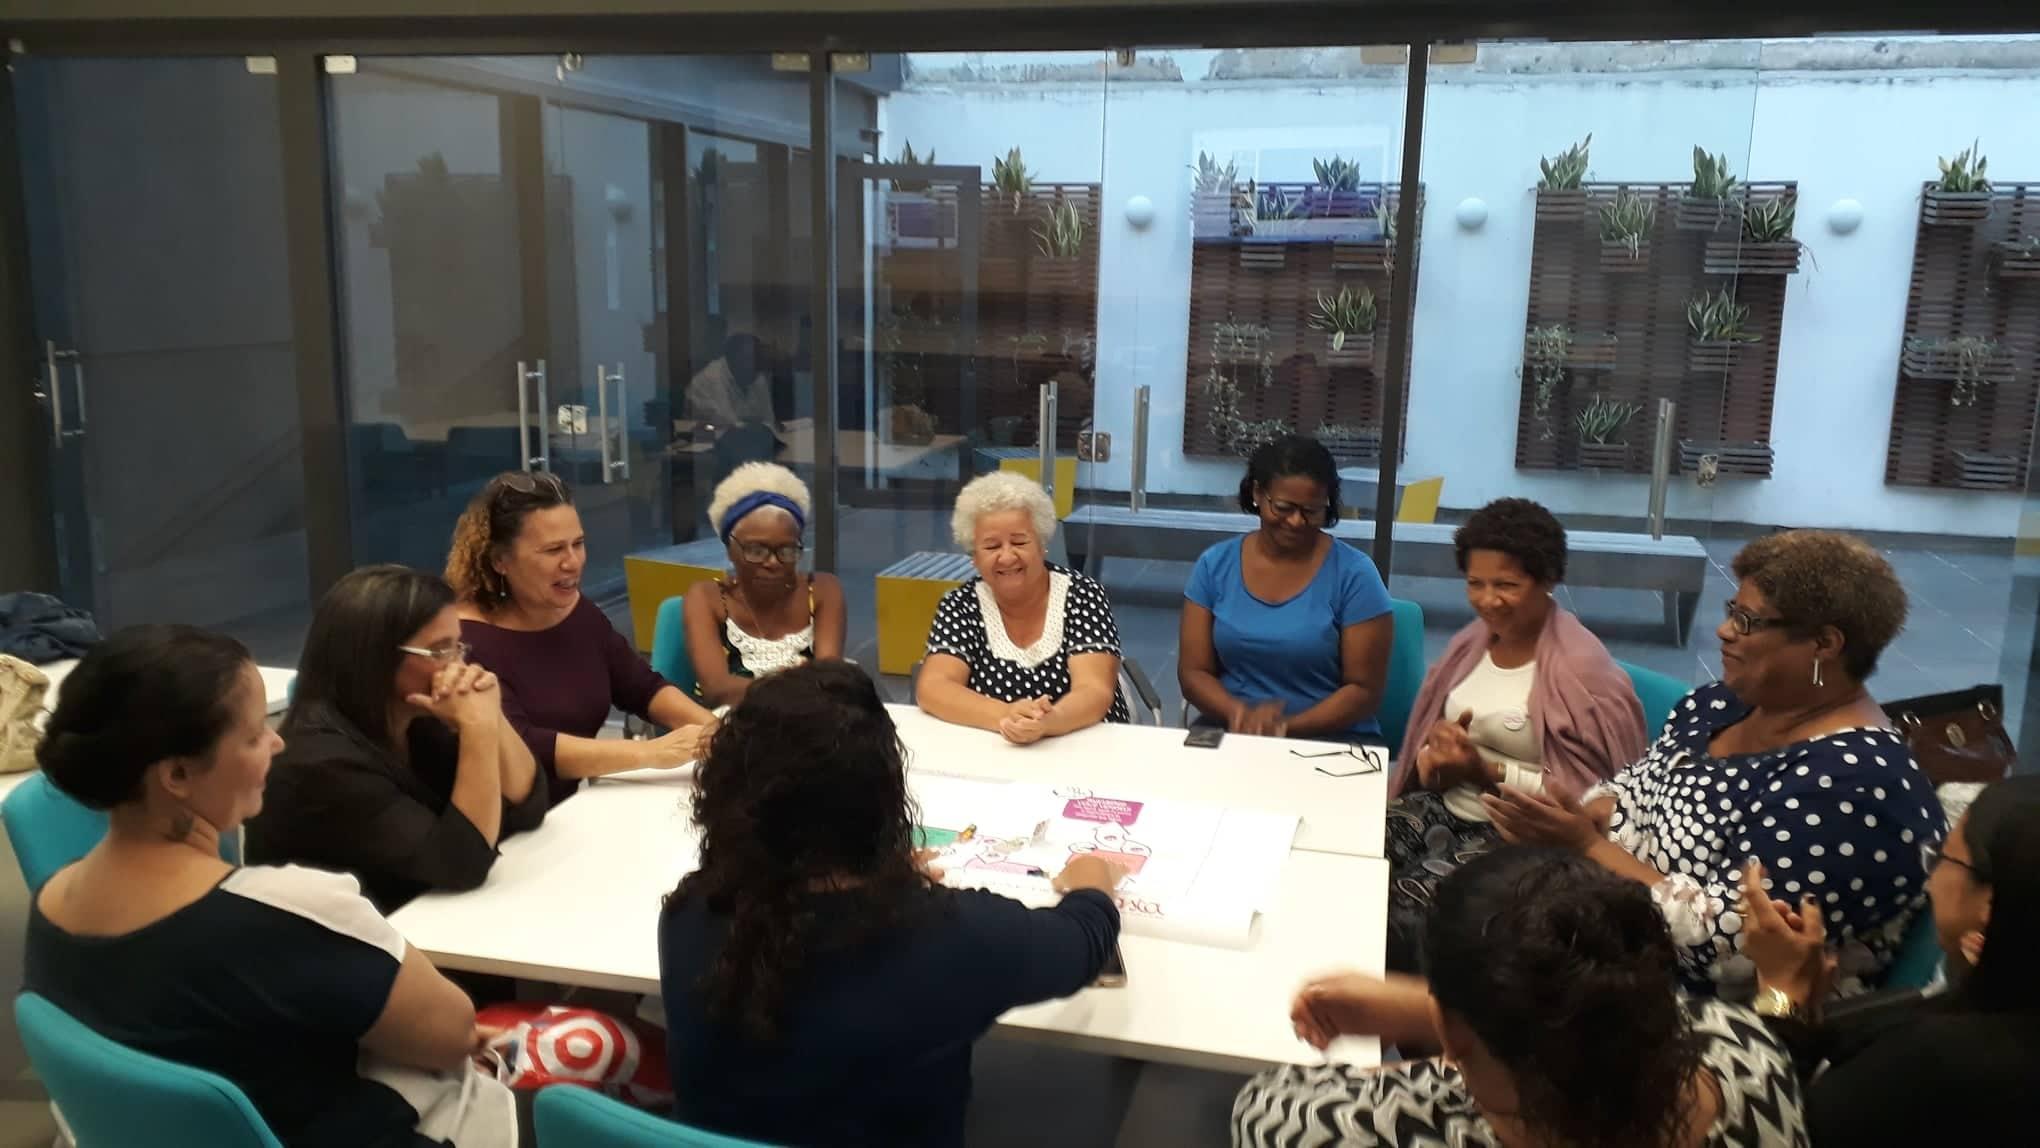 Artesãs reunidas na aula da Escola de Negócio das Artesãs da Rede Asta  no CRAB Sebrae